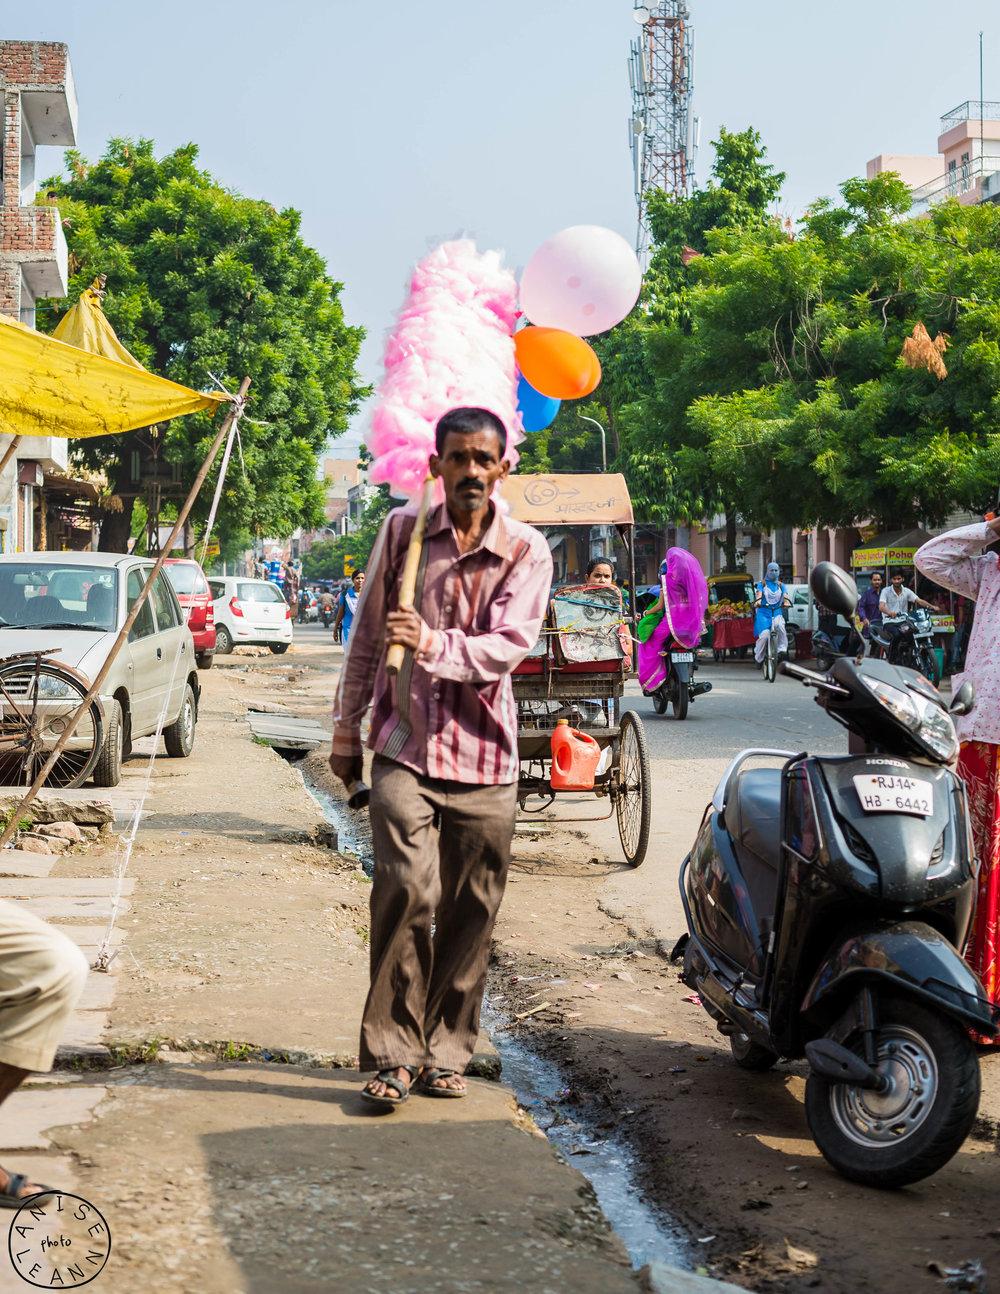 India-Jaipur-Day2-27.jpg